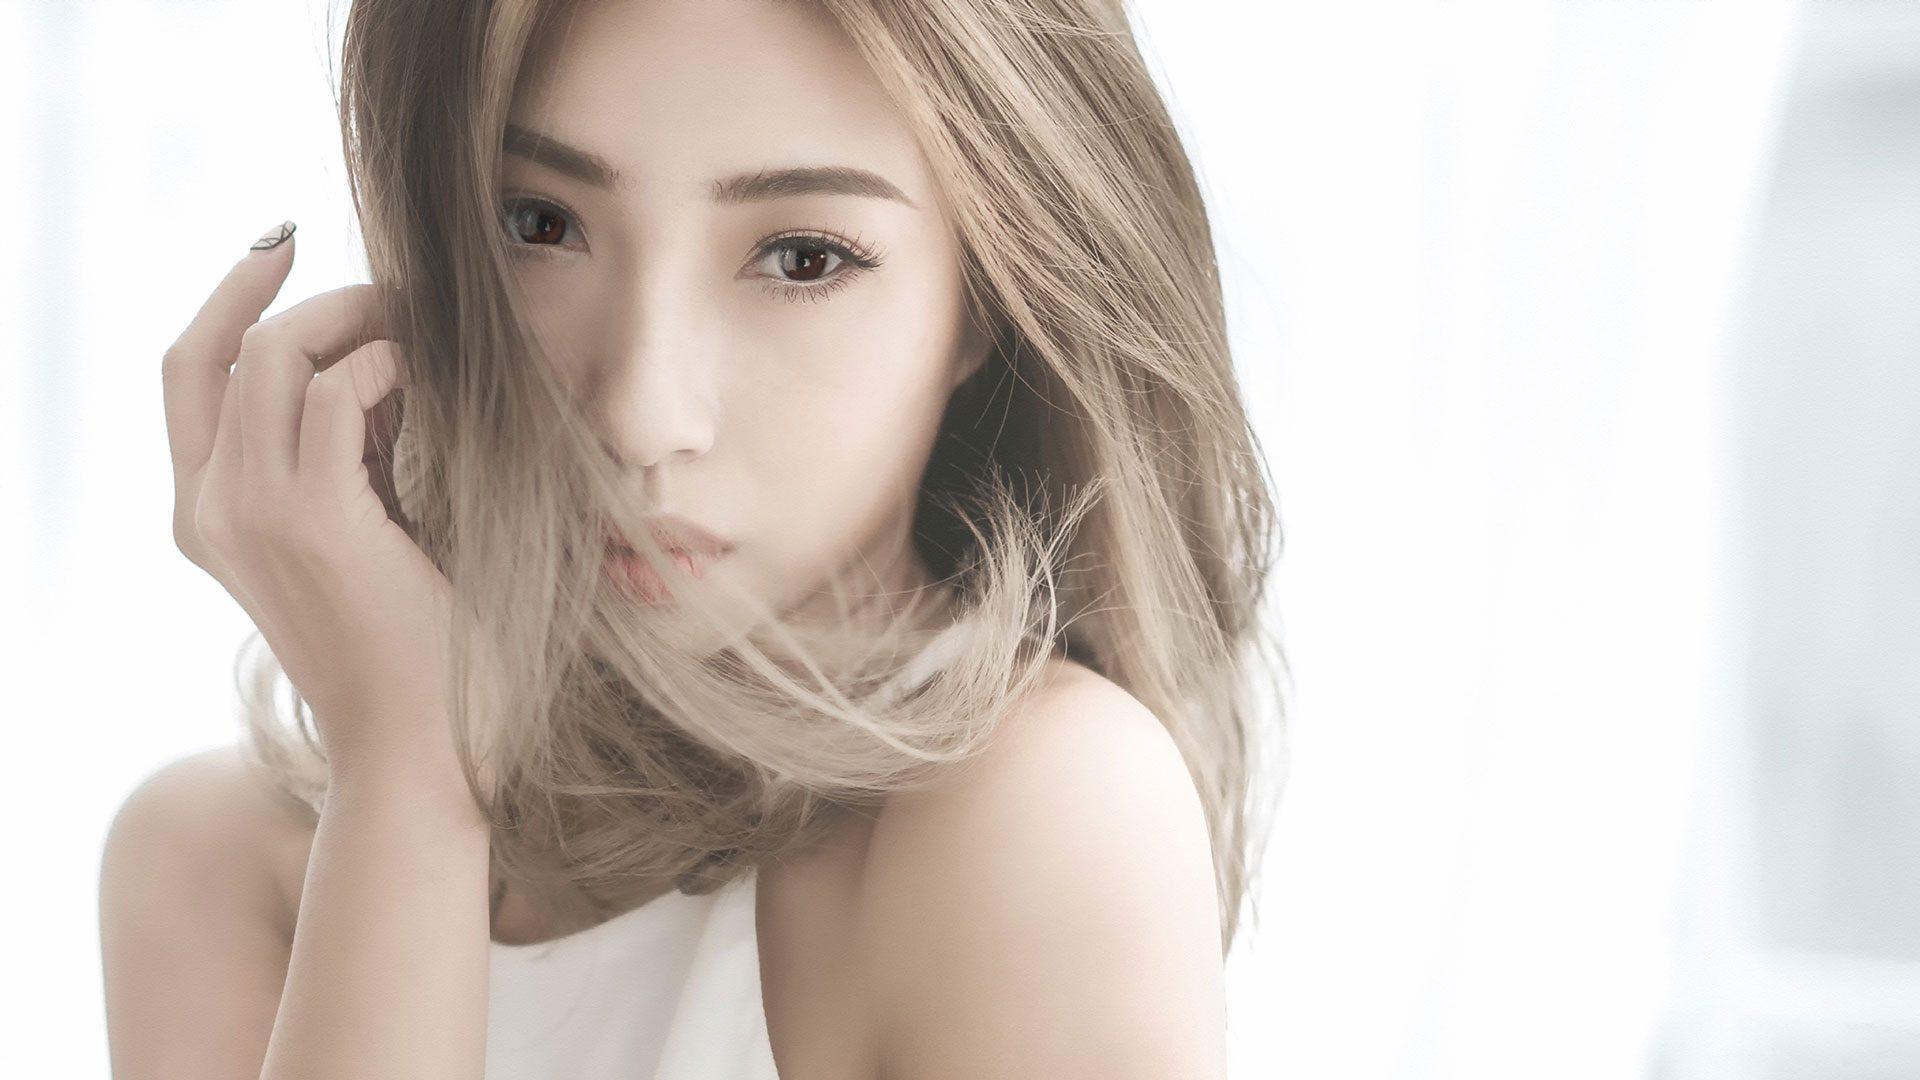 beautylash-mu-image03